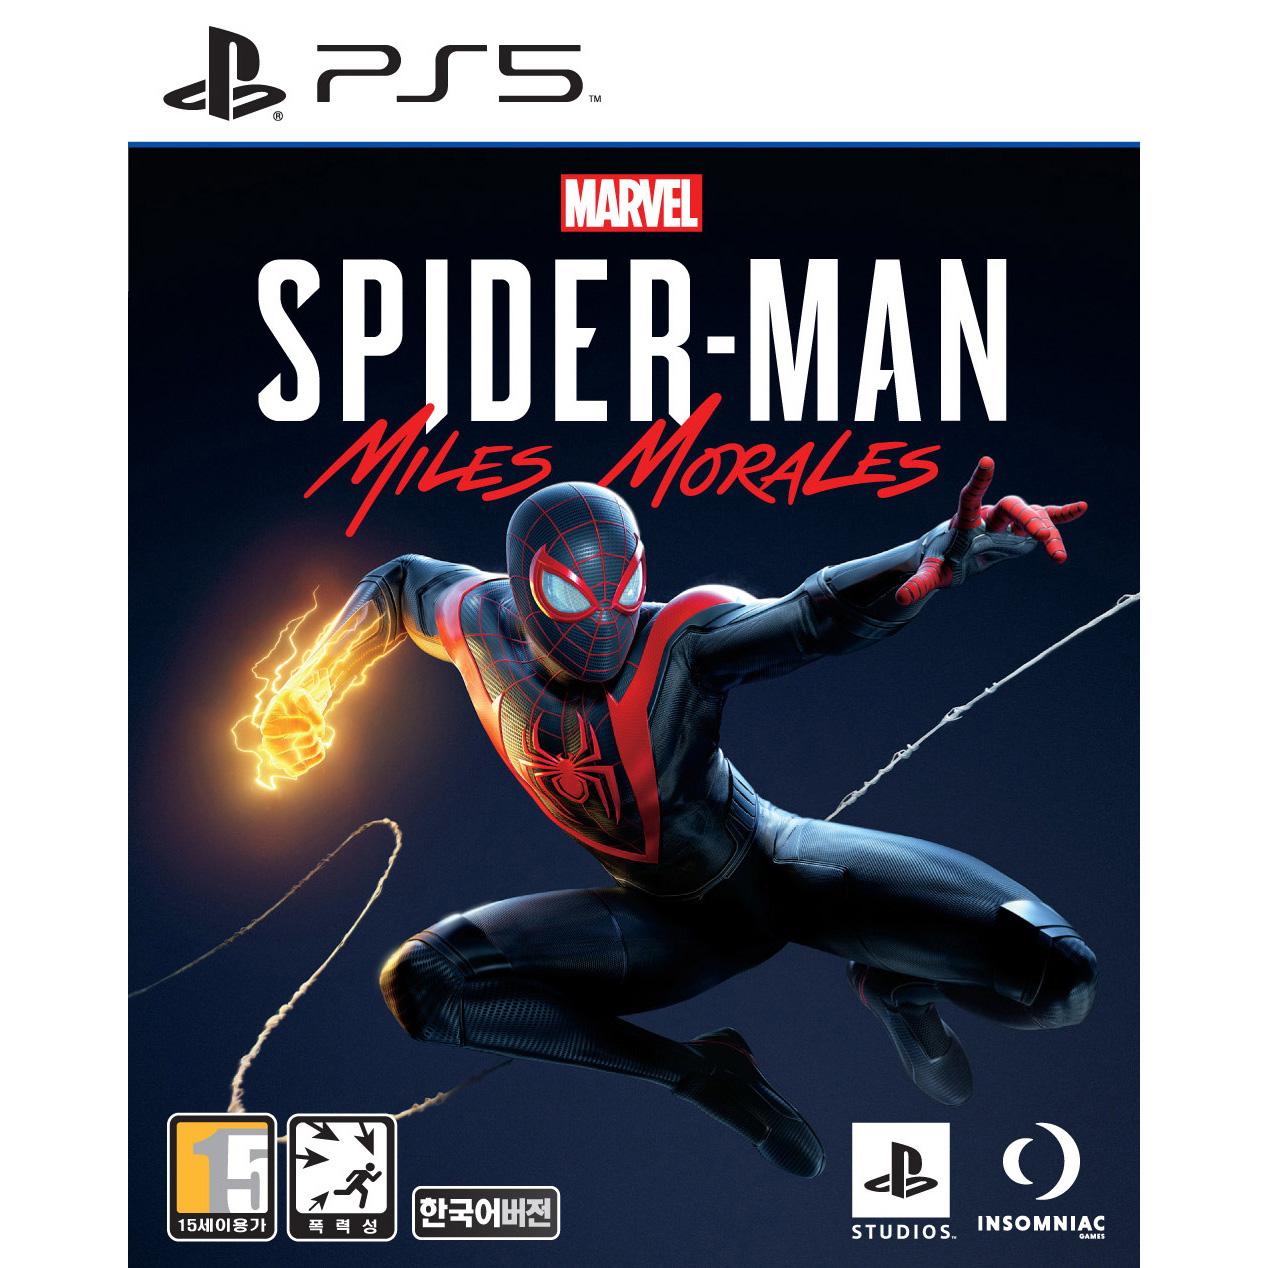 PS5 마블 스파이더맨 마일스 모랄레스, 단일상품